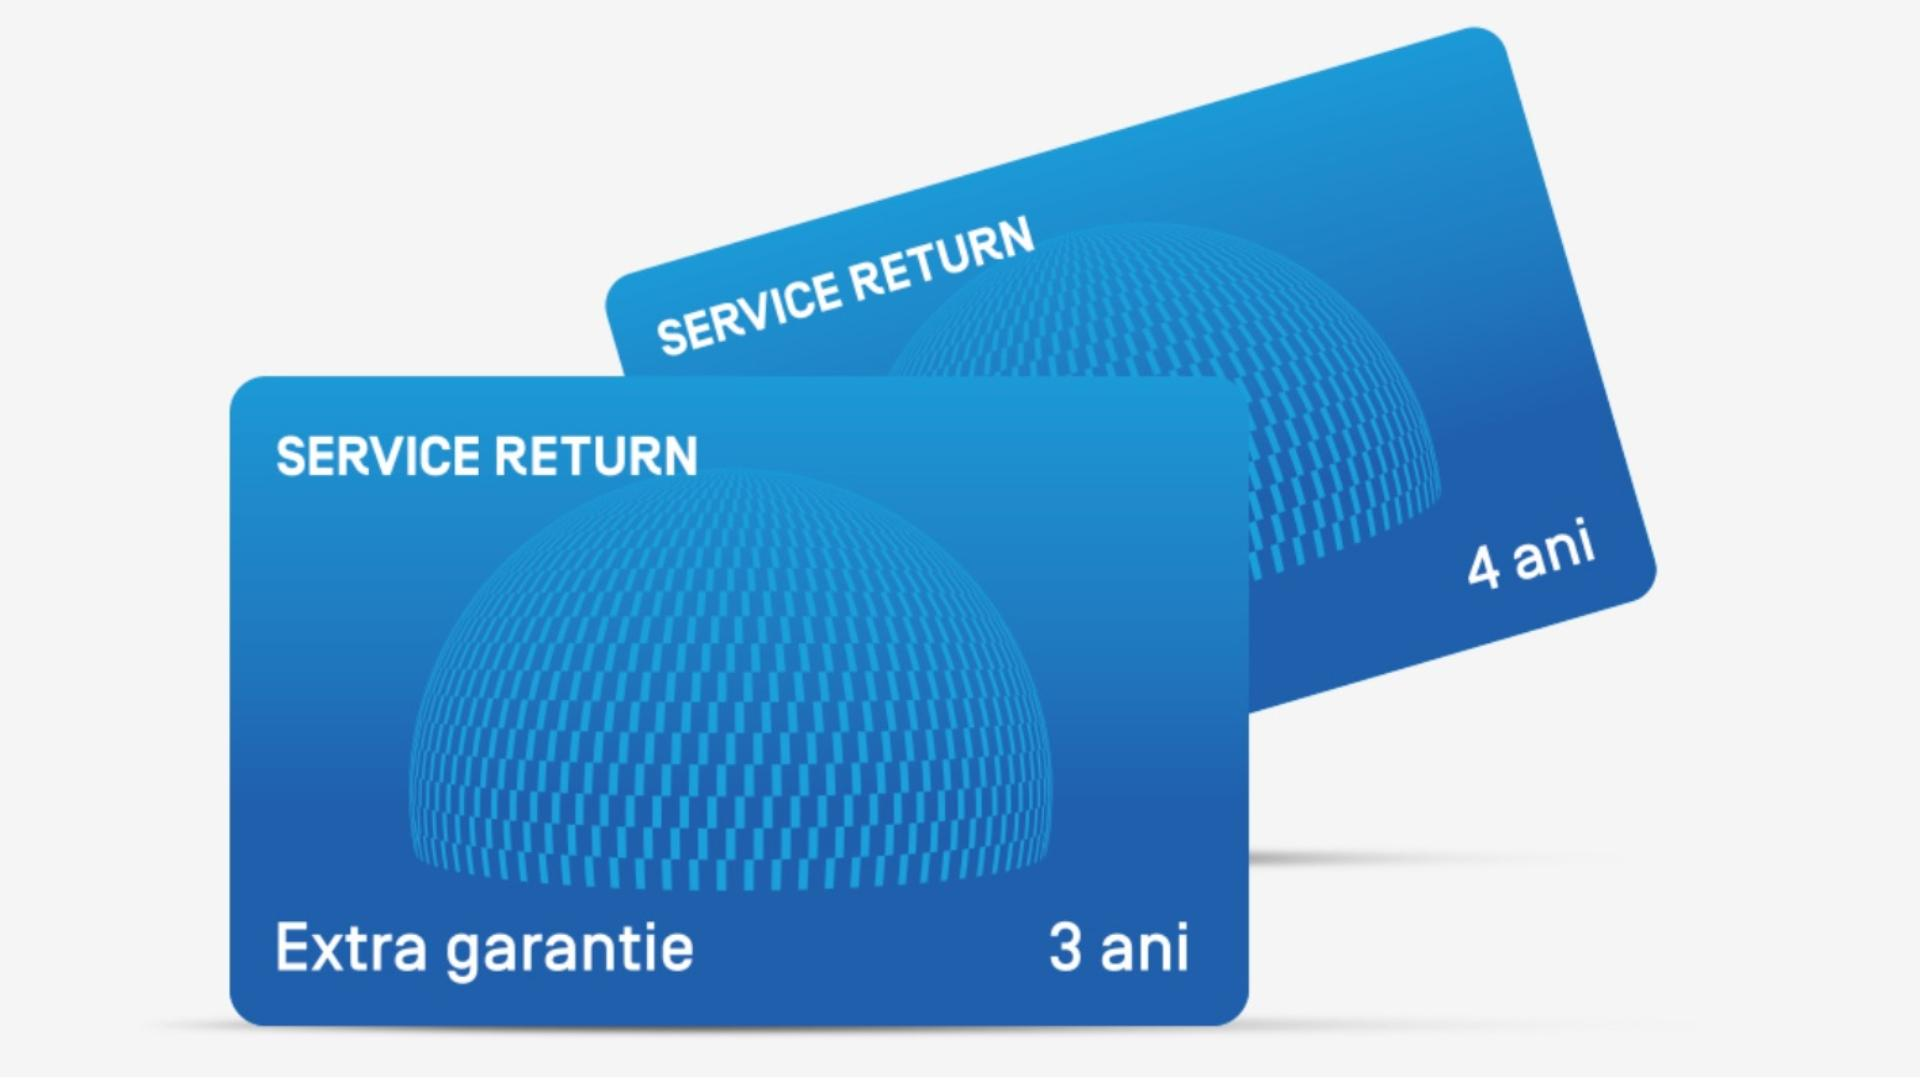 (P) Garanția extinsă oferă protecția necesară pentru ca gadget-urile achiziționate să poată fi utilizate o perioadă lungă de timp